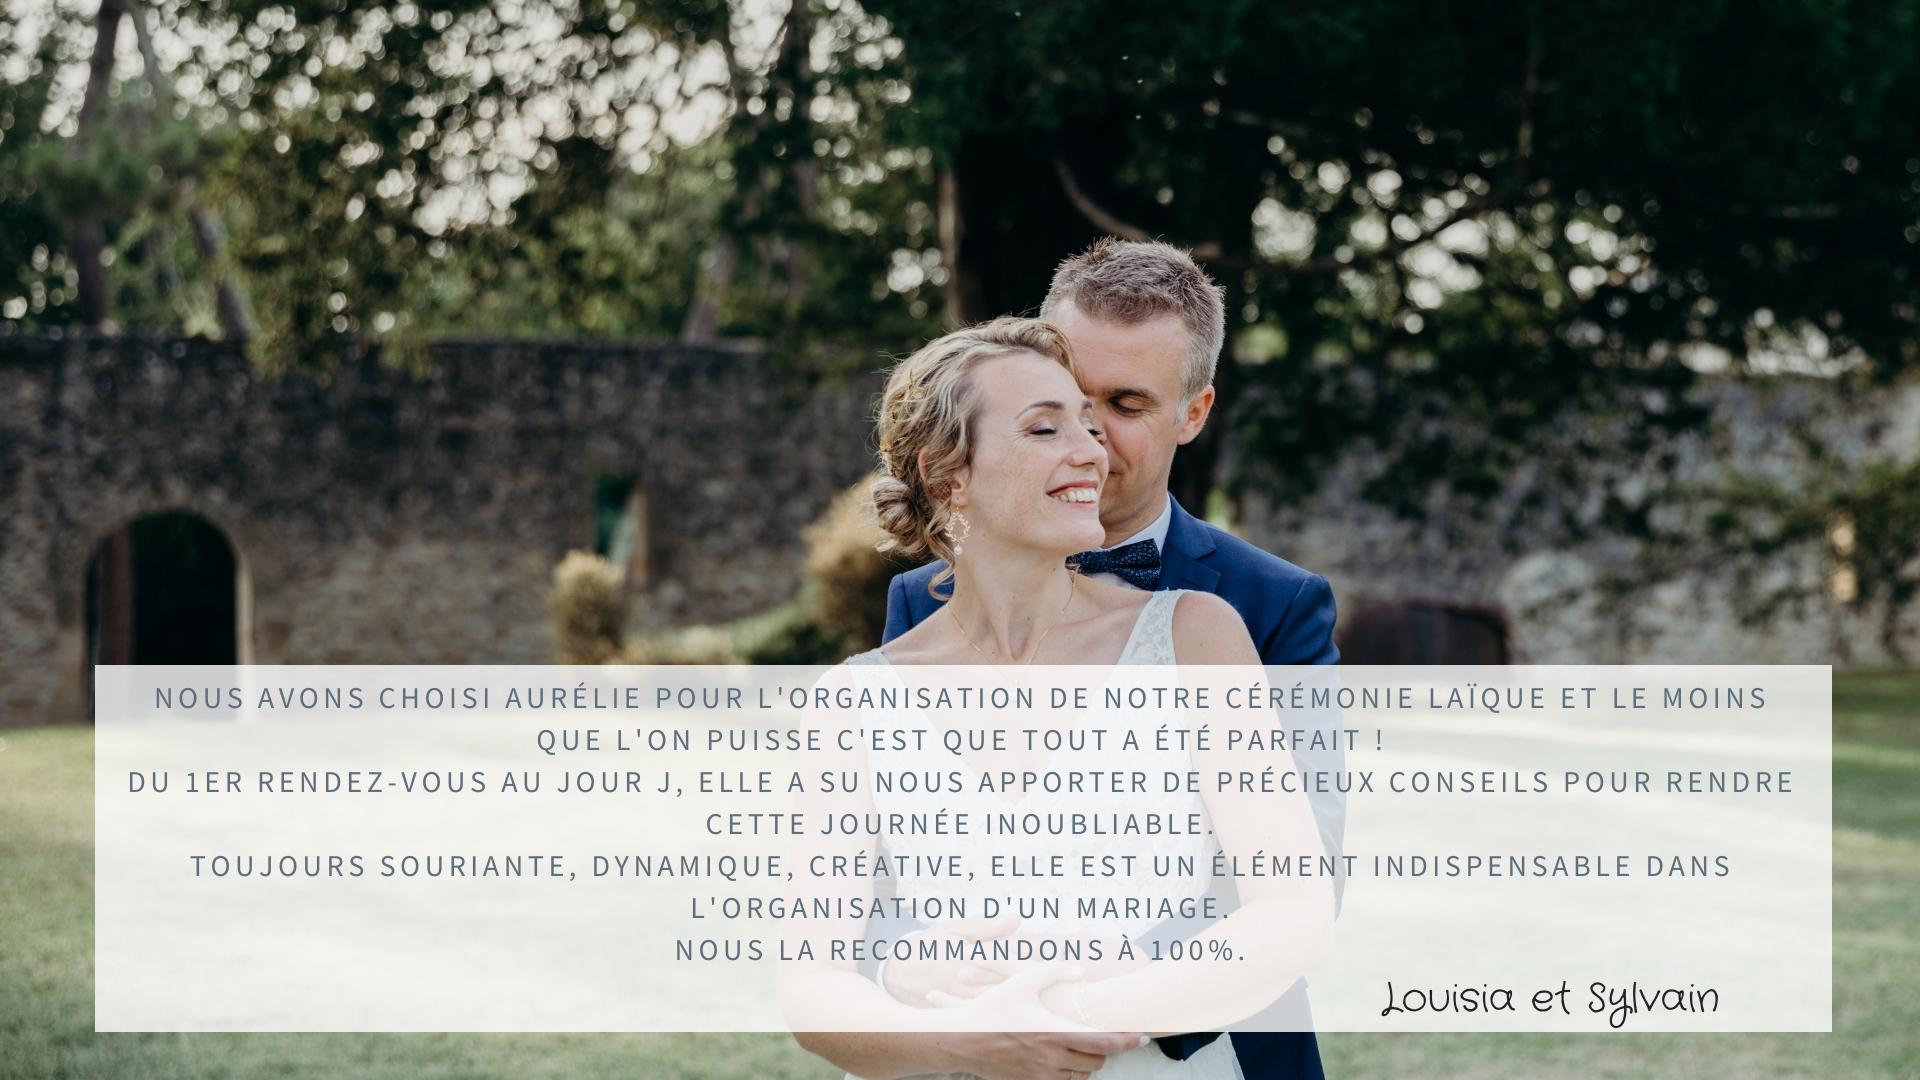 Nous avons choisi Aurélie pour l'organisation de notre cérémonie laïque et le moins que l'on puisse c'est que tout a été parfait ! Du 1er rendez-vous au jour J, elle a su nous apporter de précieux conseils pour rendre cette journée inoubliable. Toujours souriante, dynamique, créative, elle est un élément indispensable dans l'organisation d'un mariage. Nous la recommandons à 100%. Louisia et Sylvain 😘😘